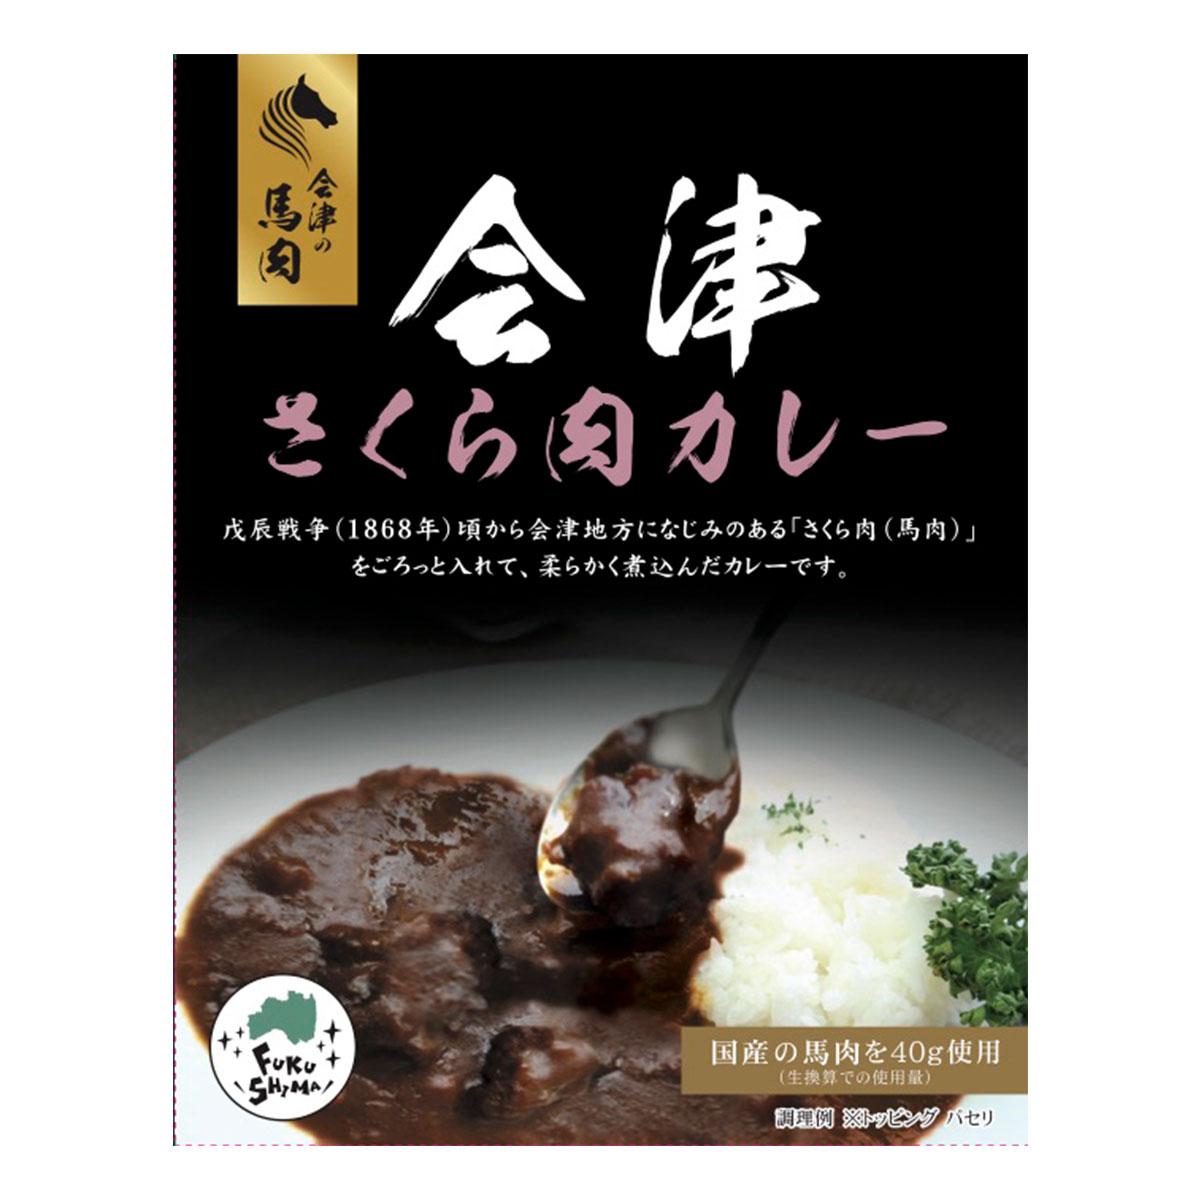 福島会津さくら肉カレー 1個